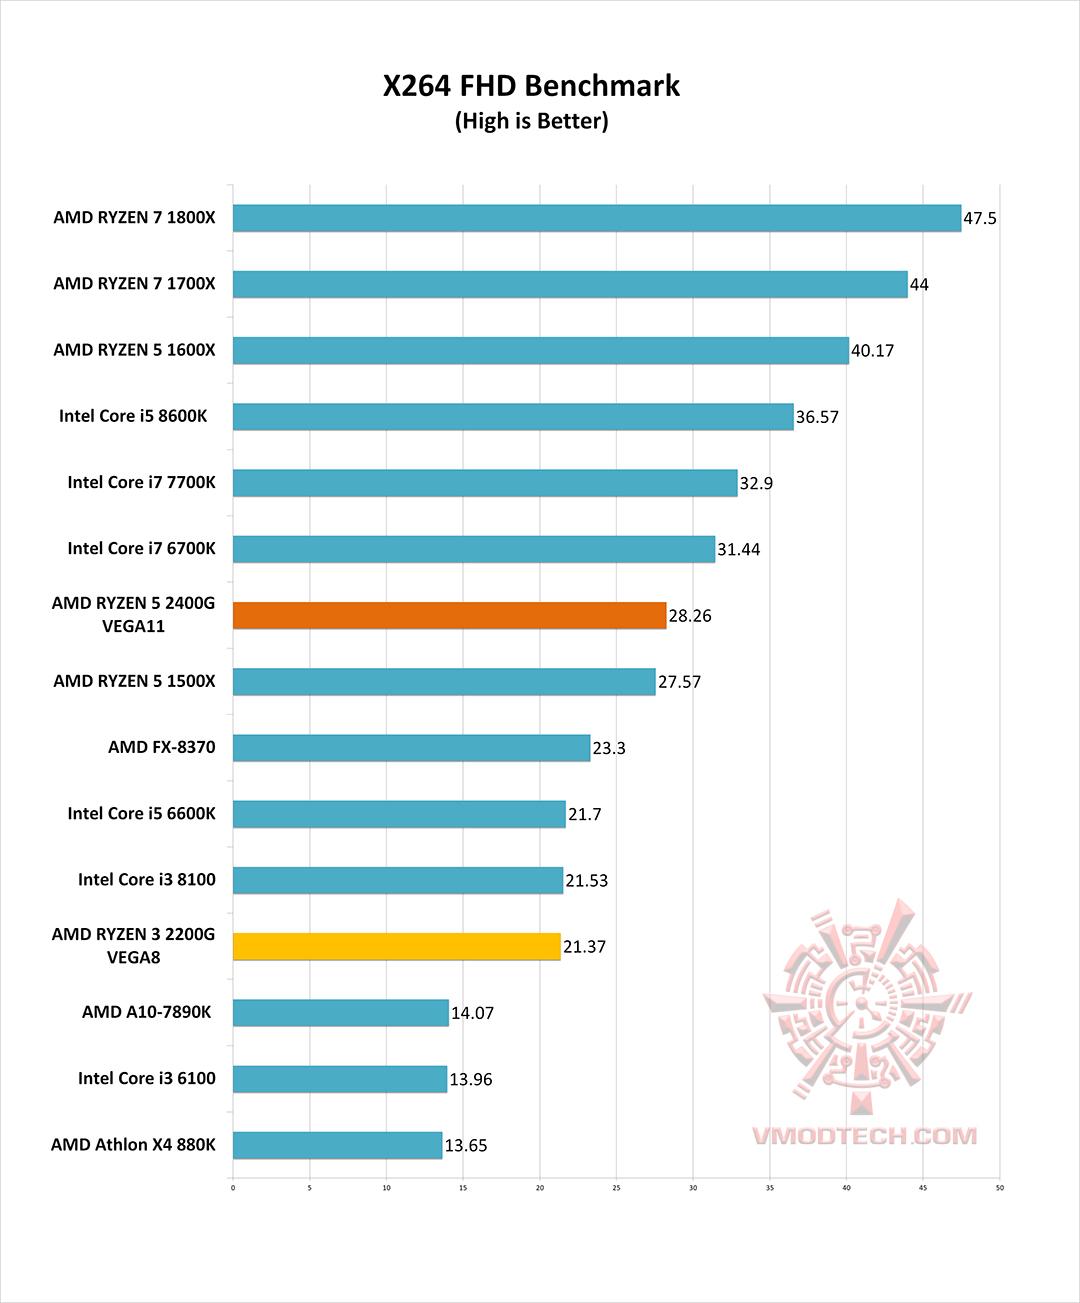 หน้าที่ 1 - AMD RYZEN 5 2400G RAVEN RIDGE PROCESSOR REVIEW